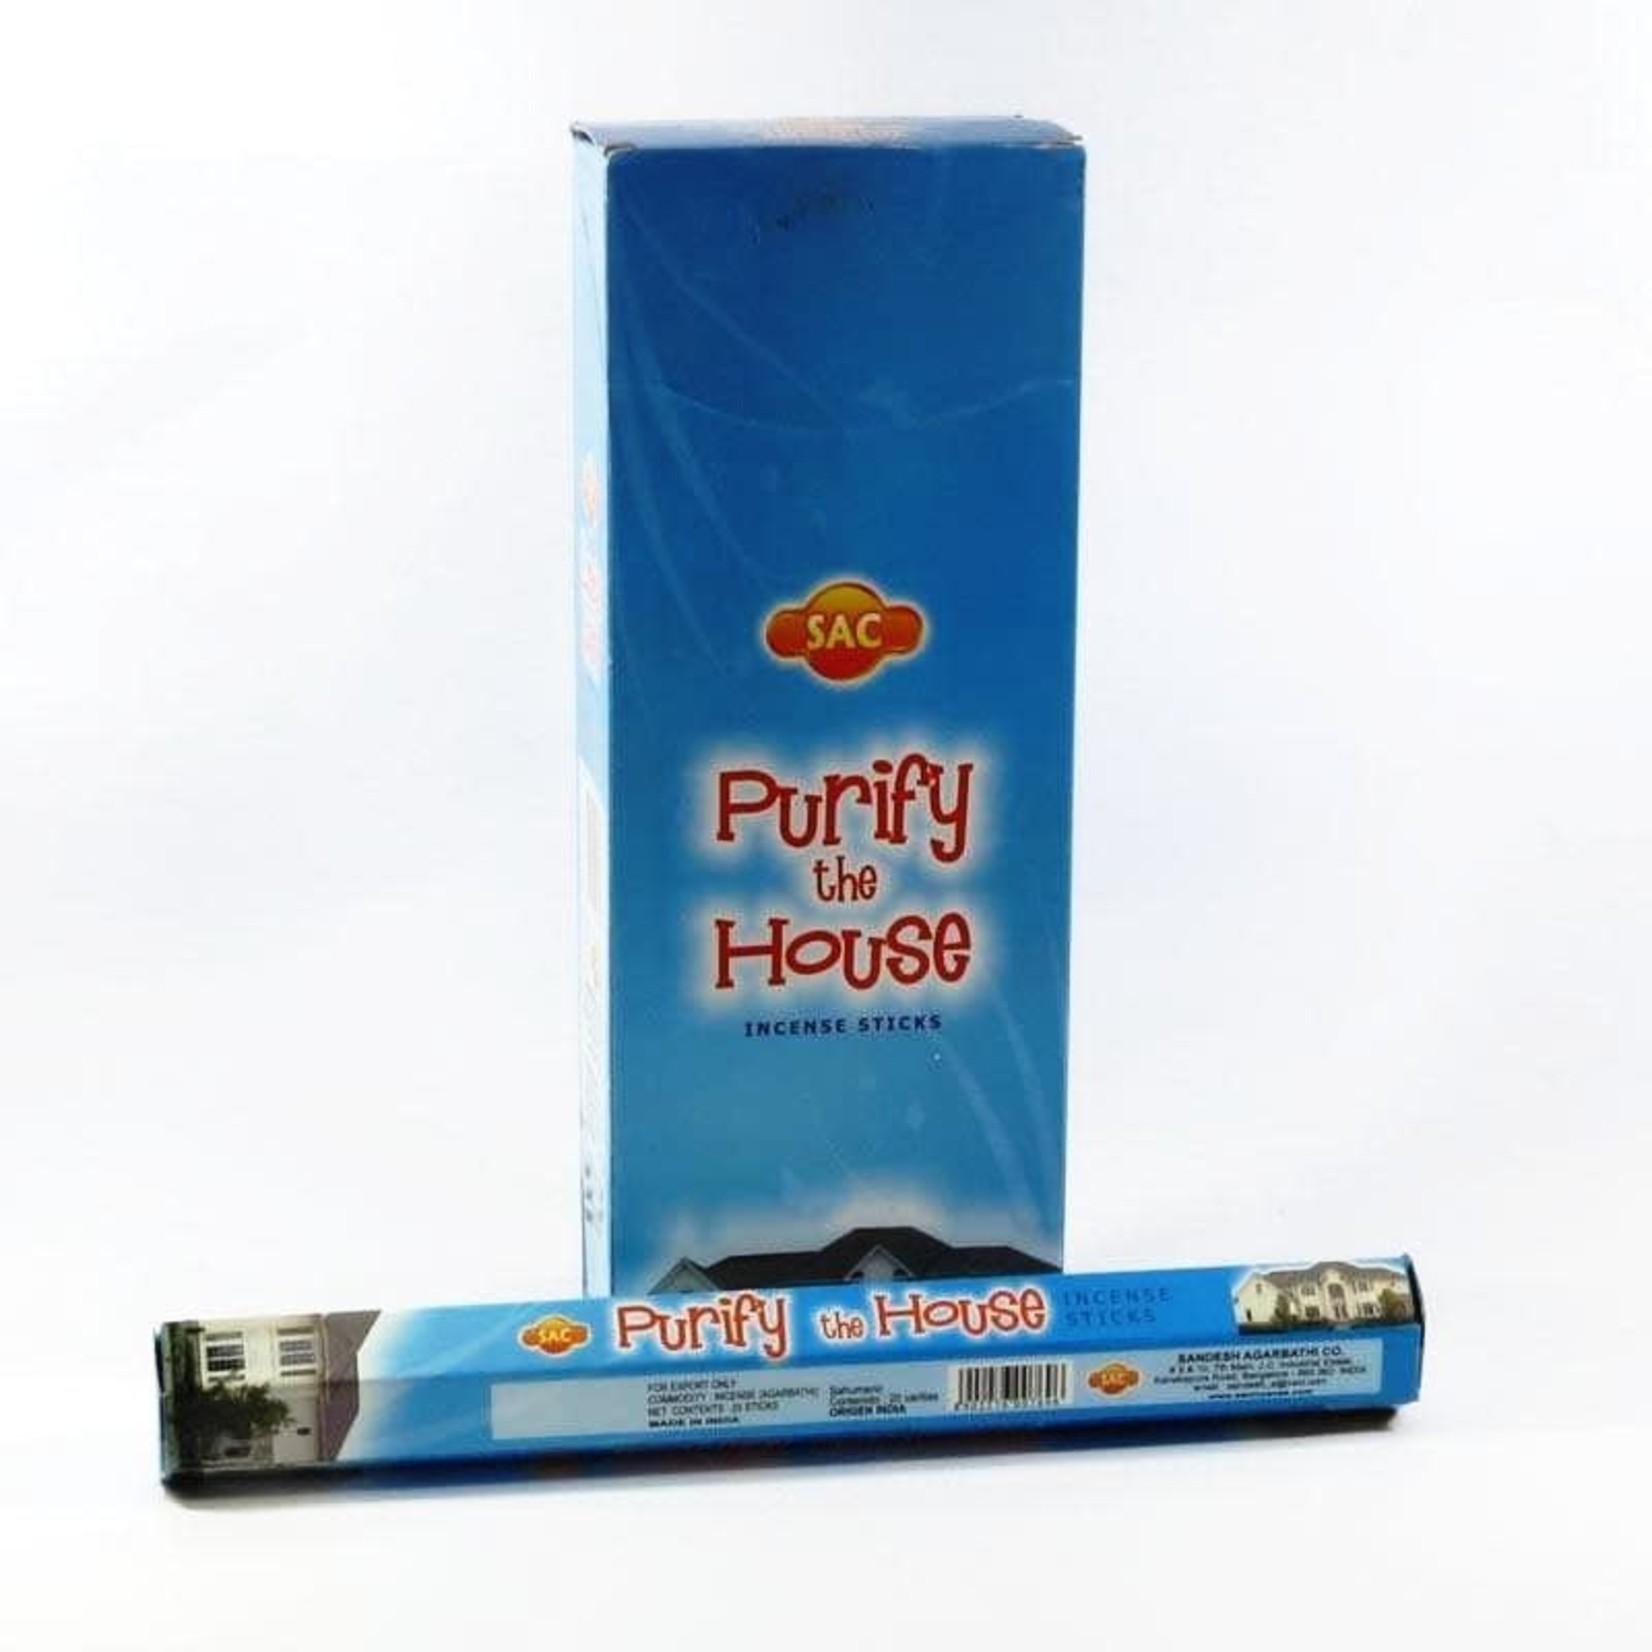 Purify The Home Incense Sticks - SAC